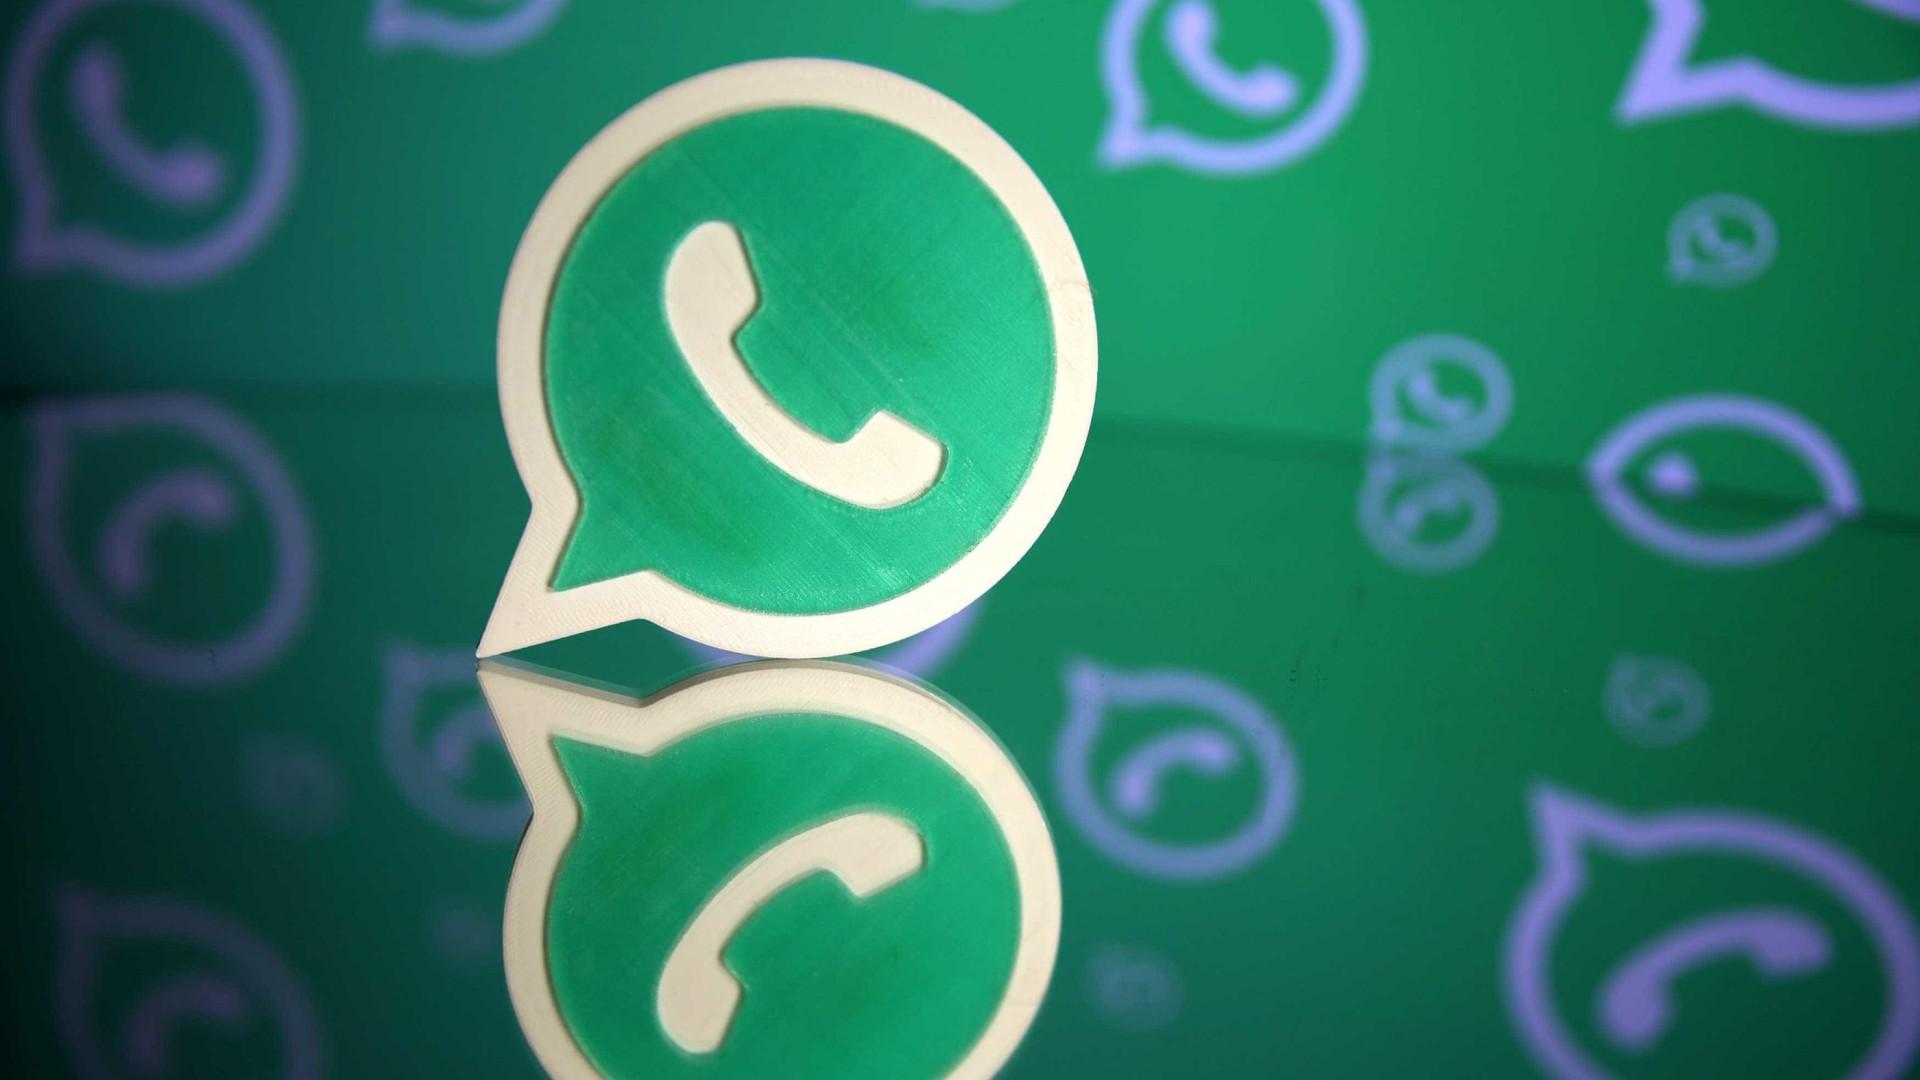 WhatsApp começa a liberar atualização que facilita envio de áudios